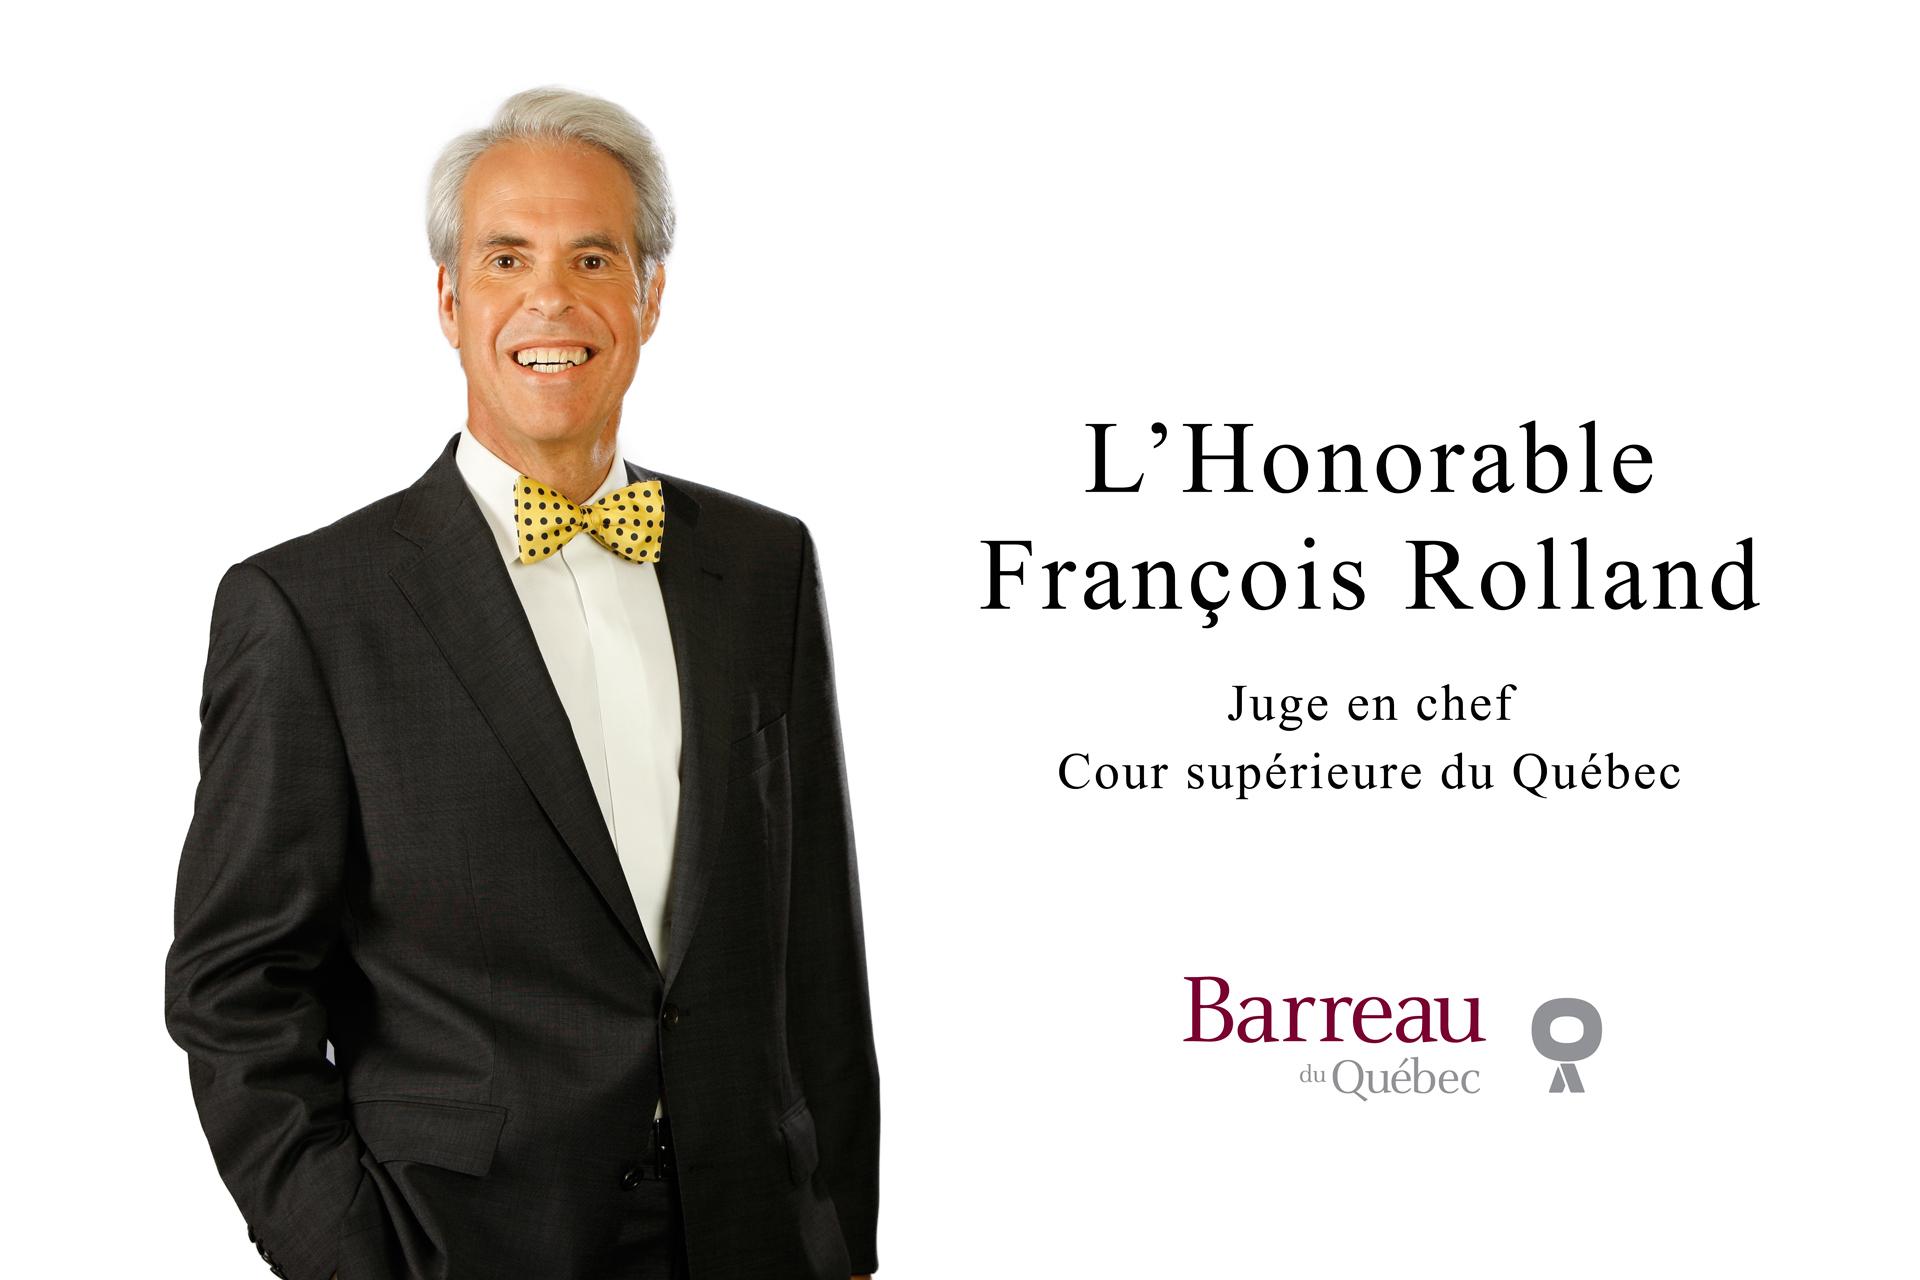 Juge Francois Rolland